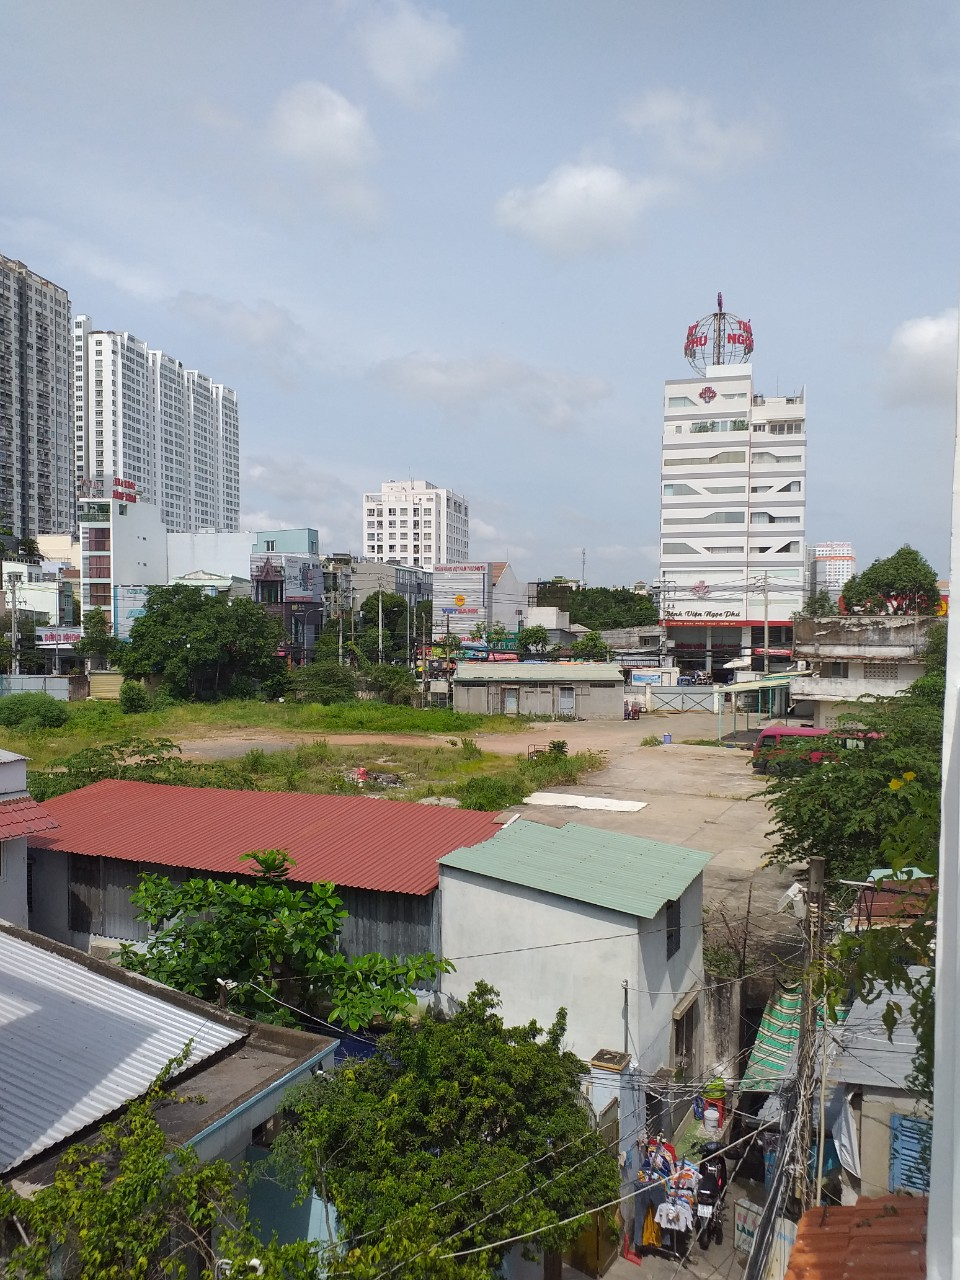 Bán nhà Mặt tiền đường số 22 phường 4 Quận 8, gần chợ Phạm Thế Hiển